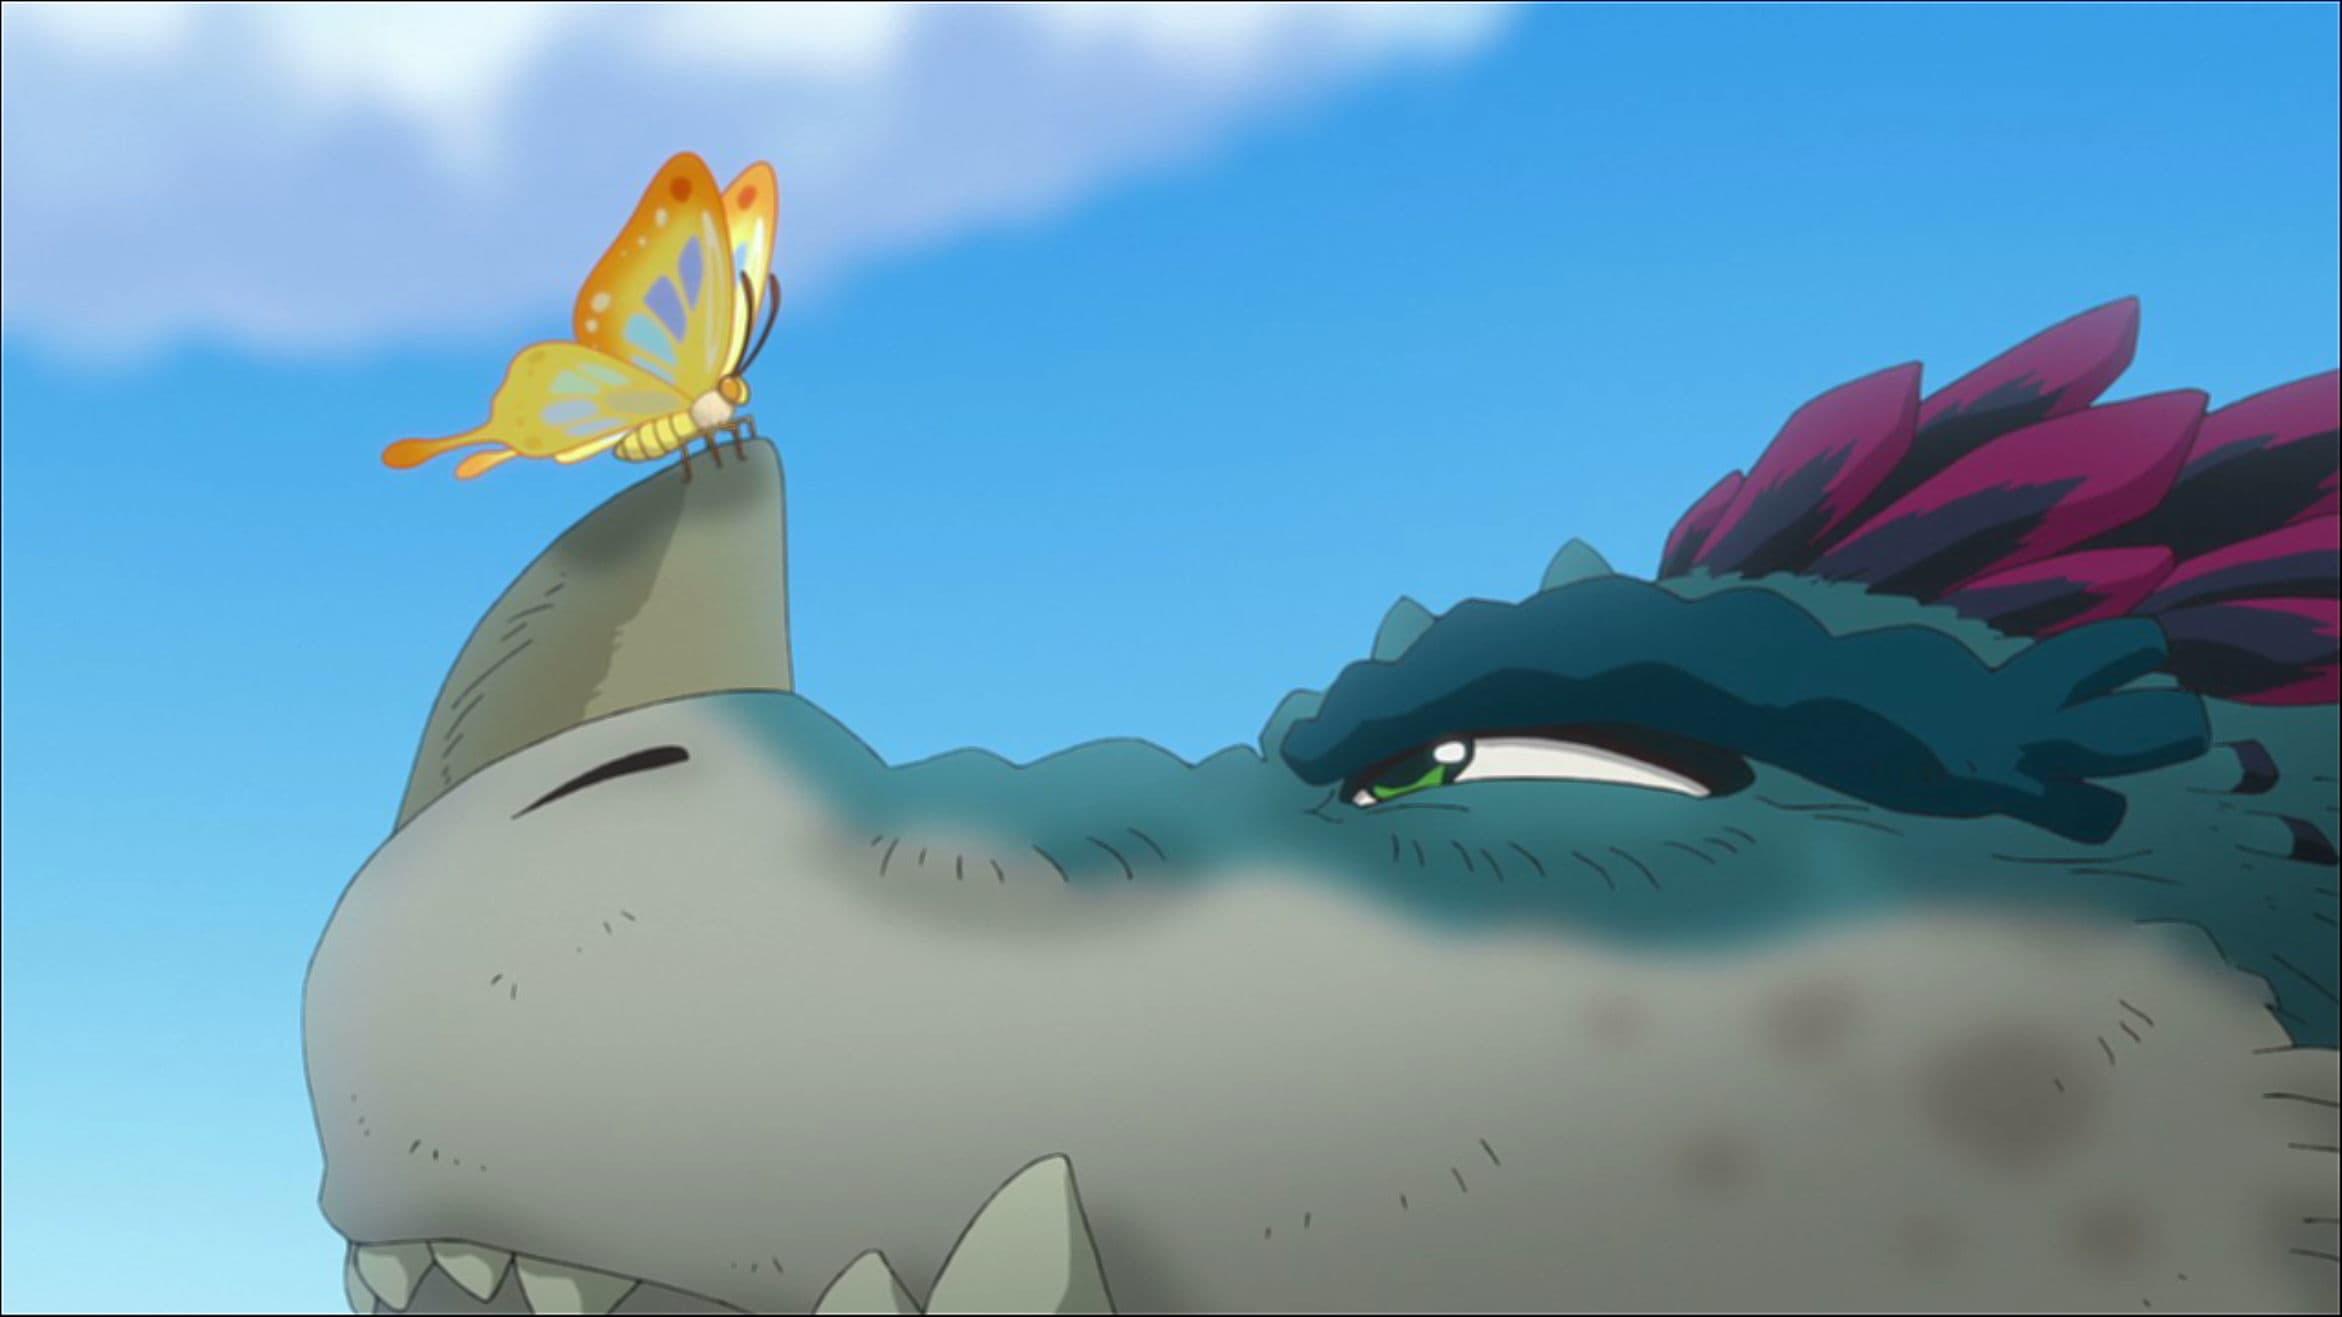 Câu chuyện về chú khủng long bạo chúa ăn chay - bộ phim hoạt hình đáng yêu nhất mùa cuối năm - Hình 1